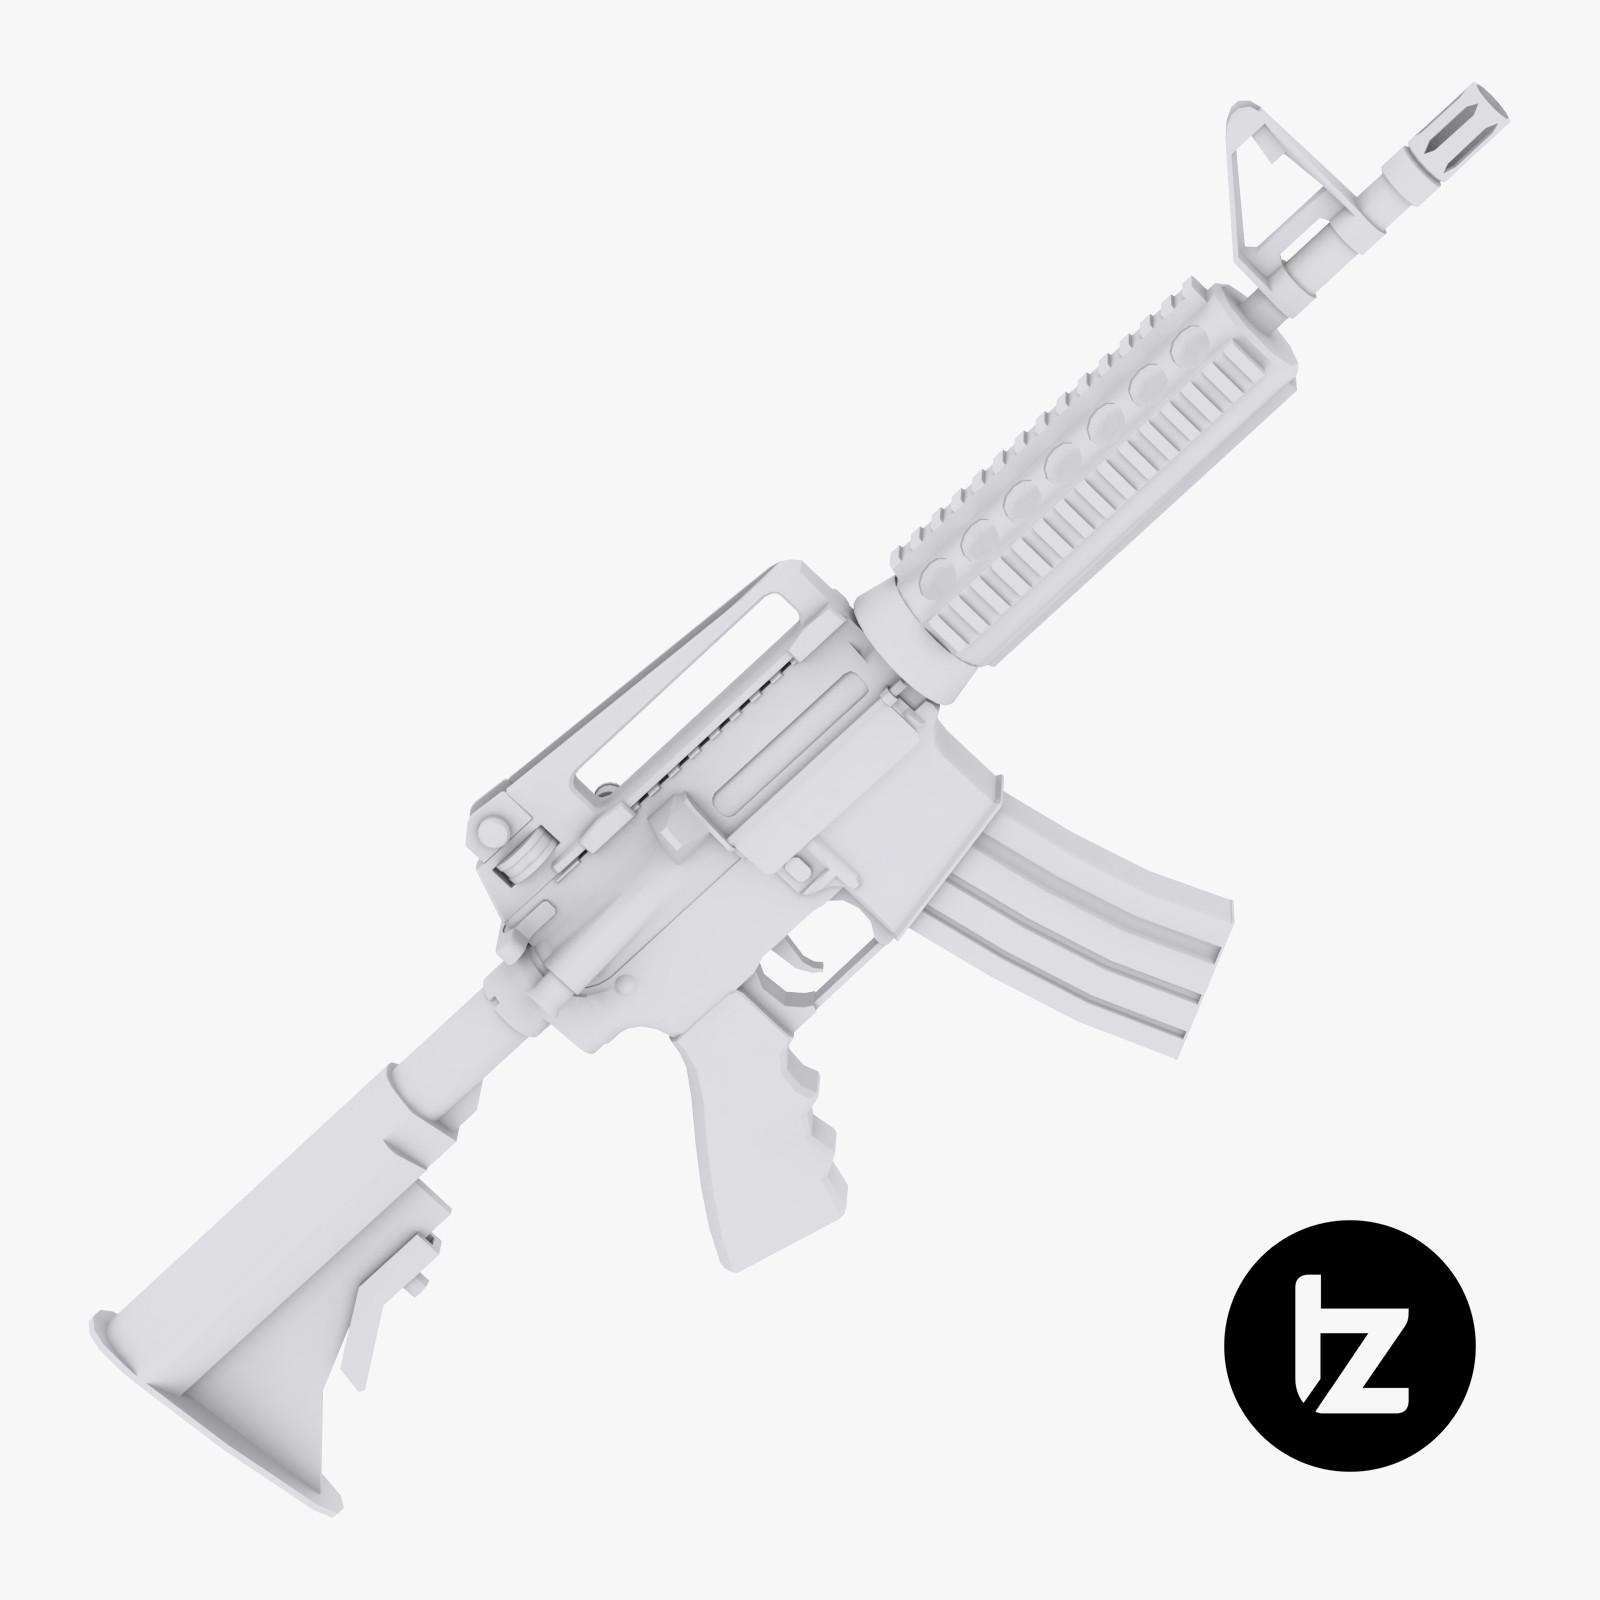 M16A4.bmp